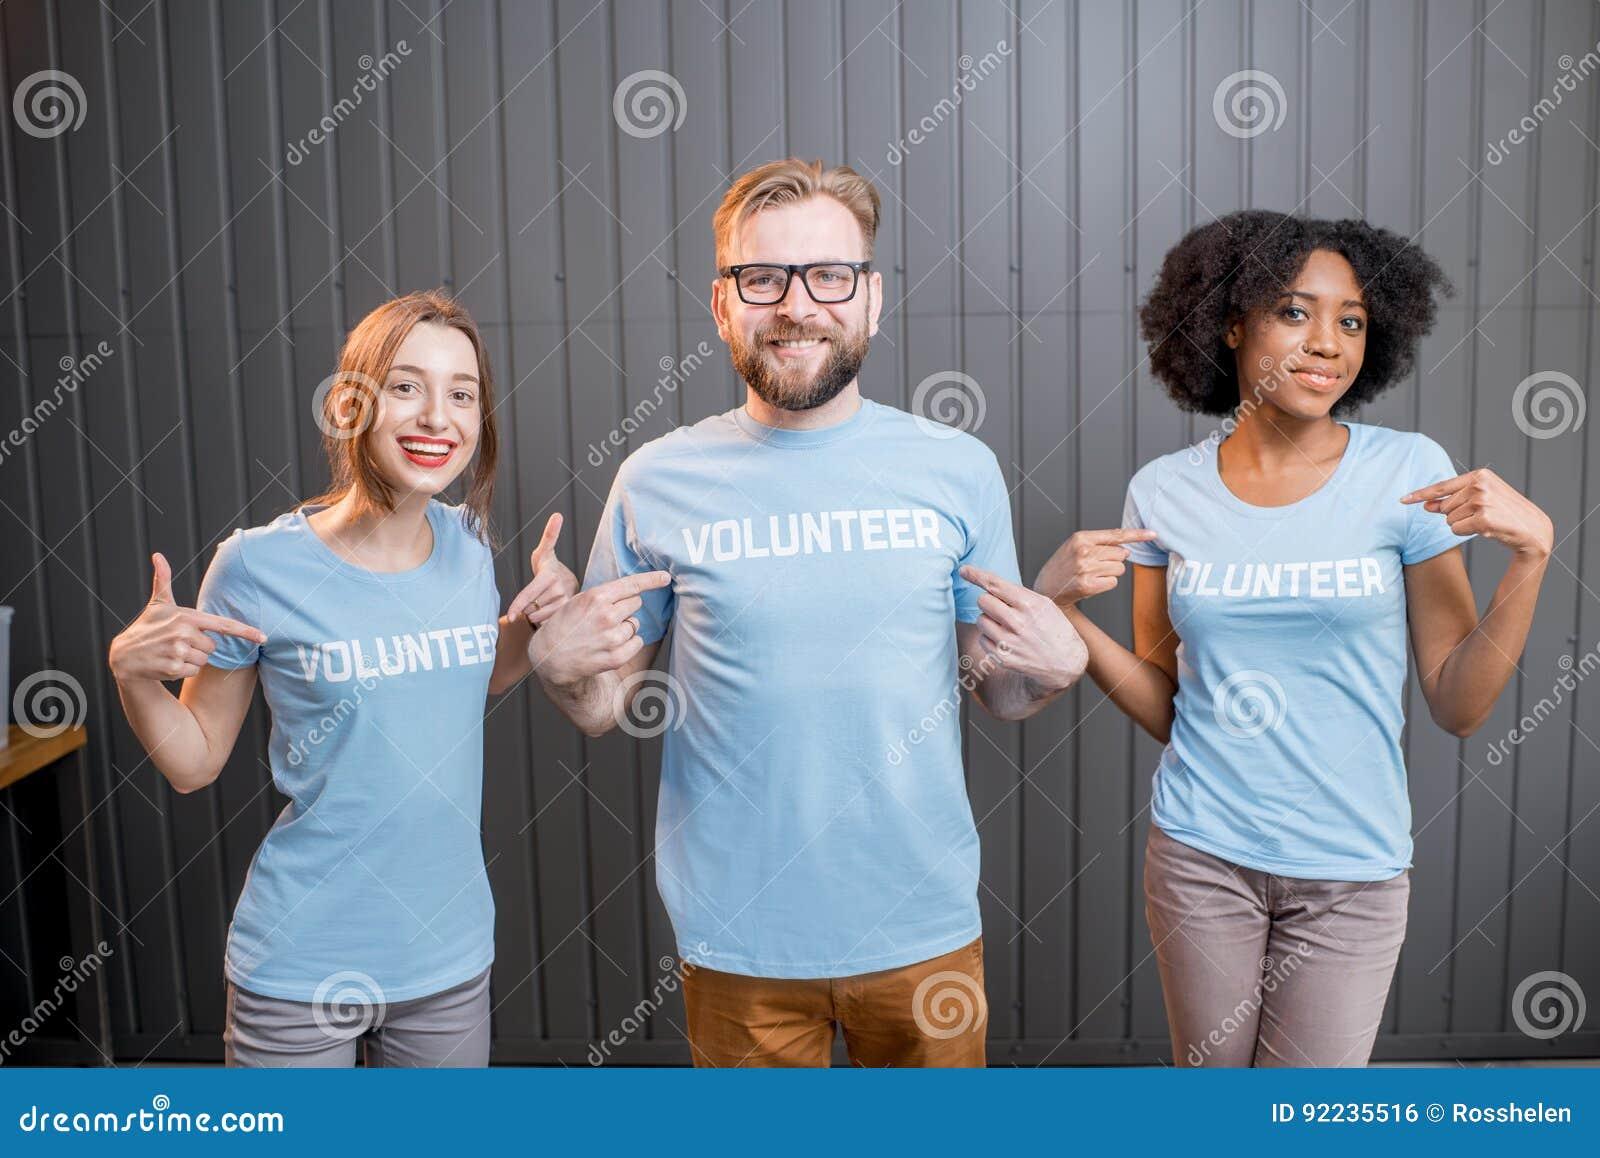 Happy volunteers indoors